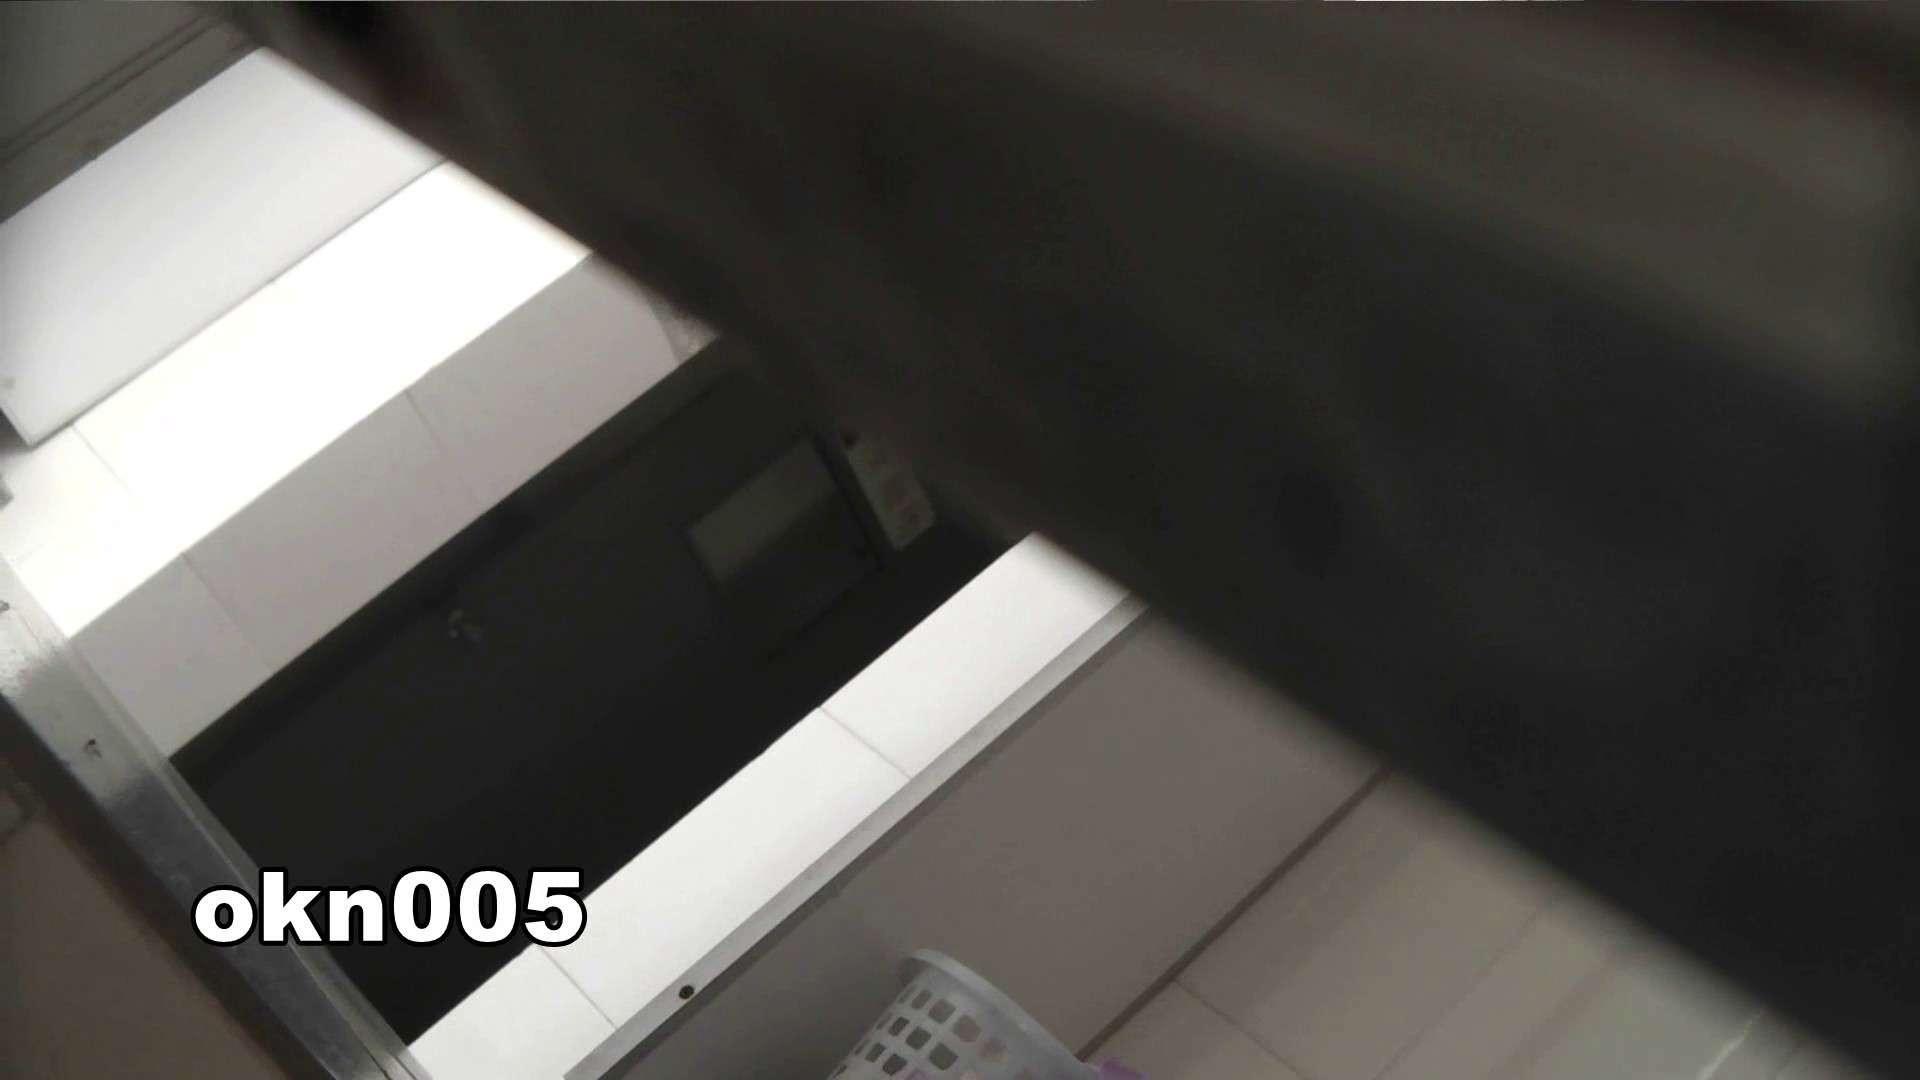 下からノゾム vol.005 きばりん(極太爽快) 丸見え オマンコ無修正動画無料 94枚 33